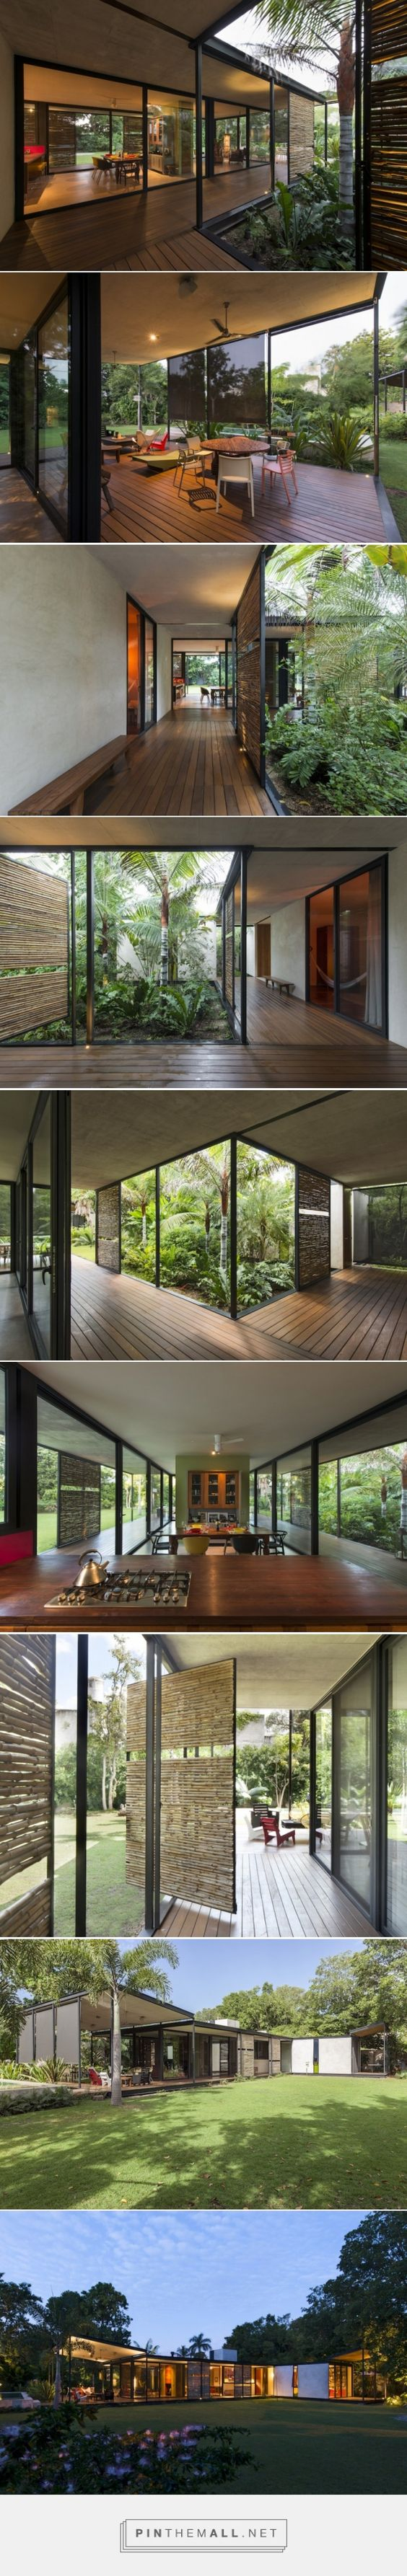 reyes ríos + Larraín arquitectos constrói Casa itzimná no México ... - uma imagem de imagens agrupadas - Pin Them All